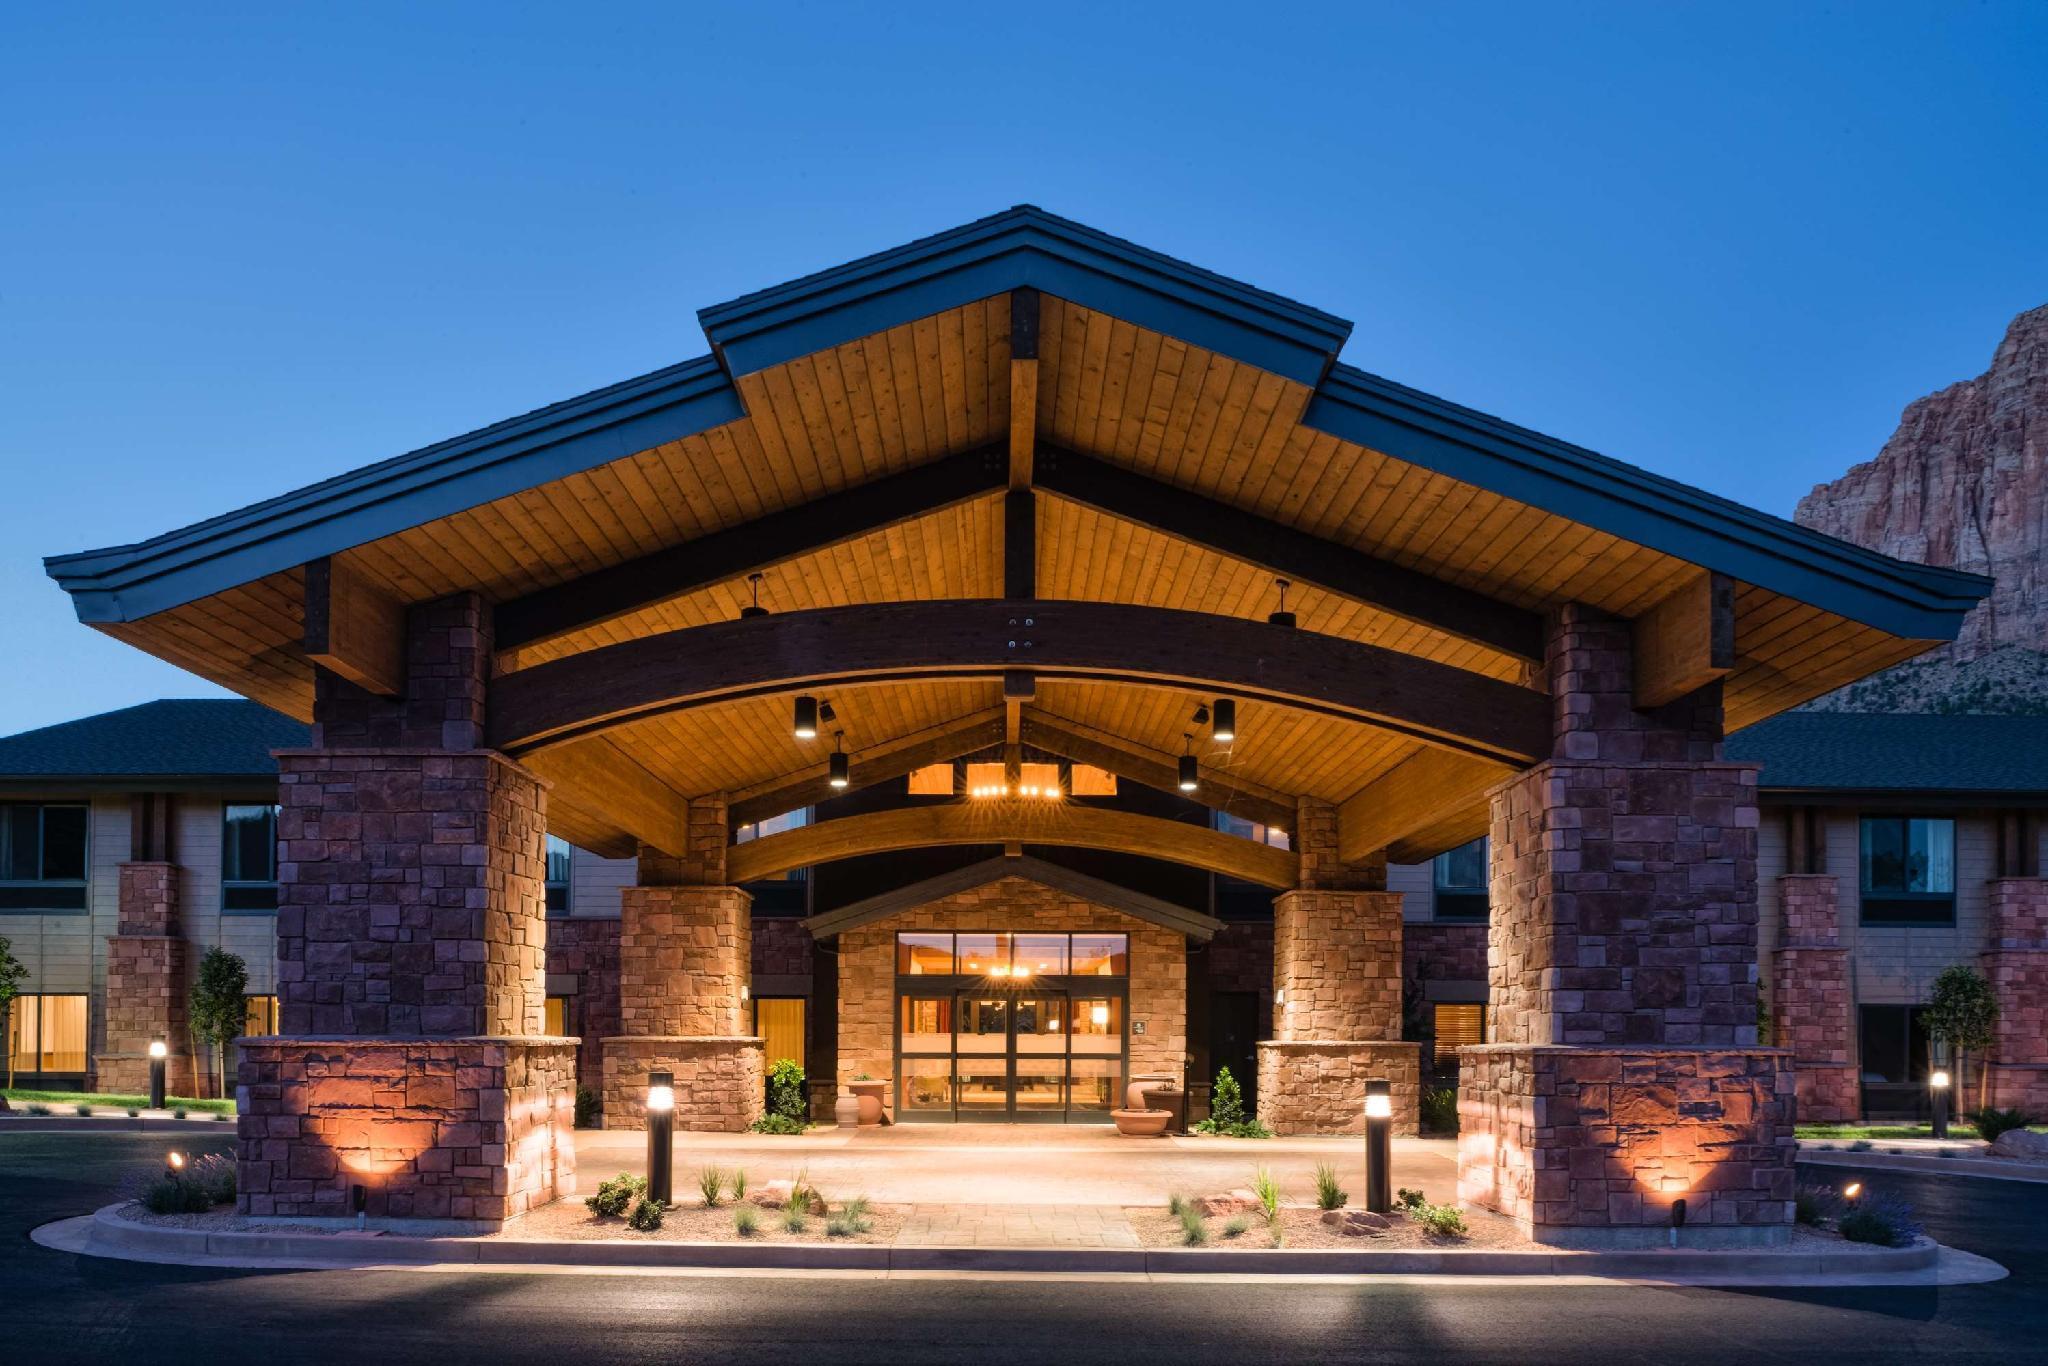 Hampton Inn And Suites Springdale Zion National Park